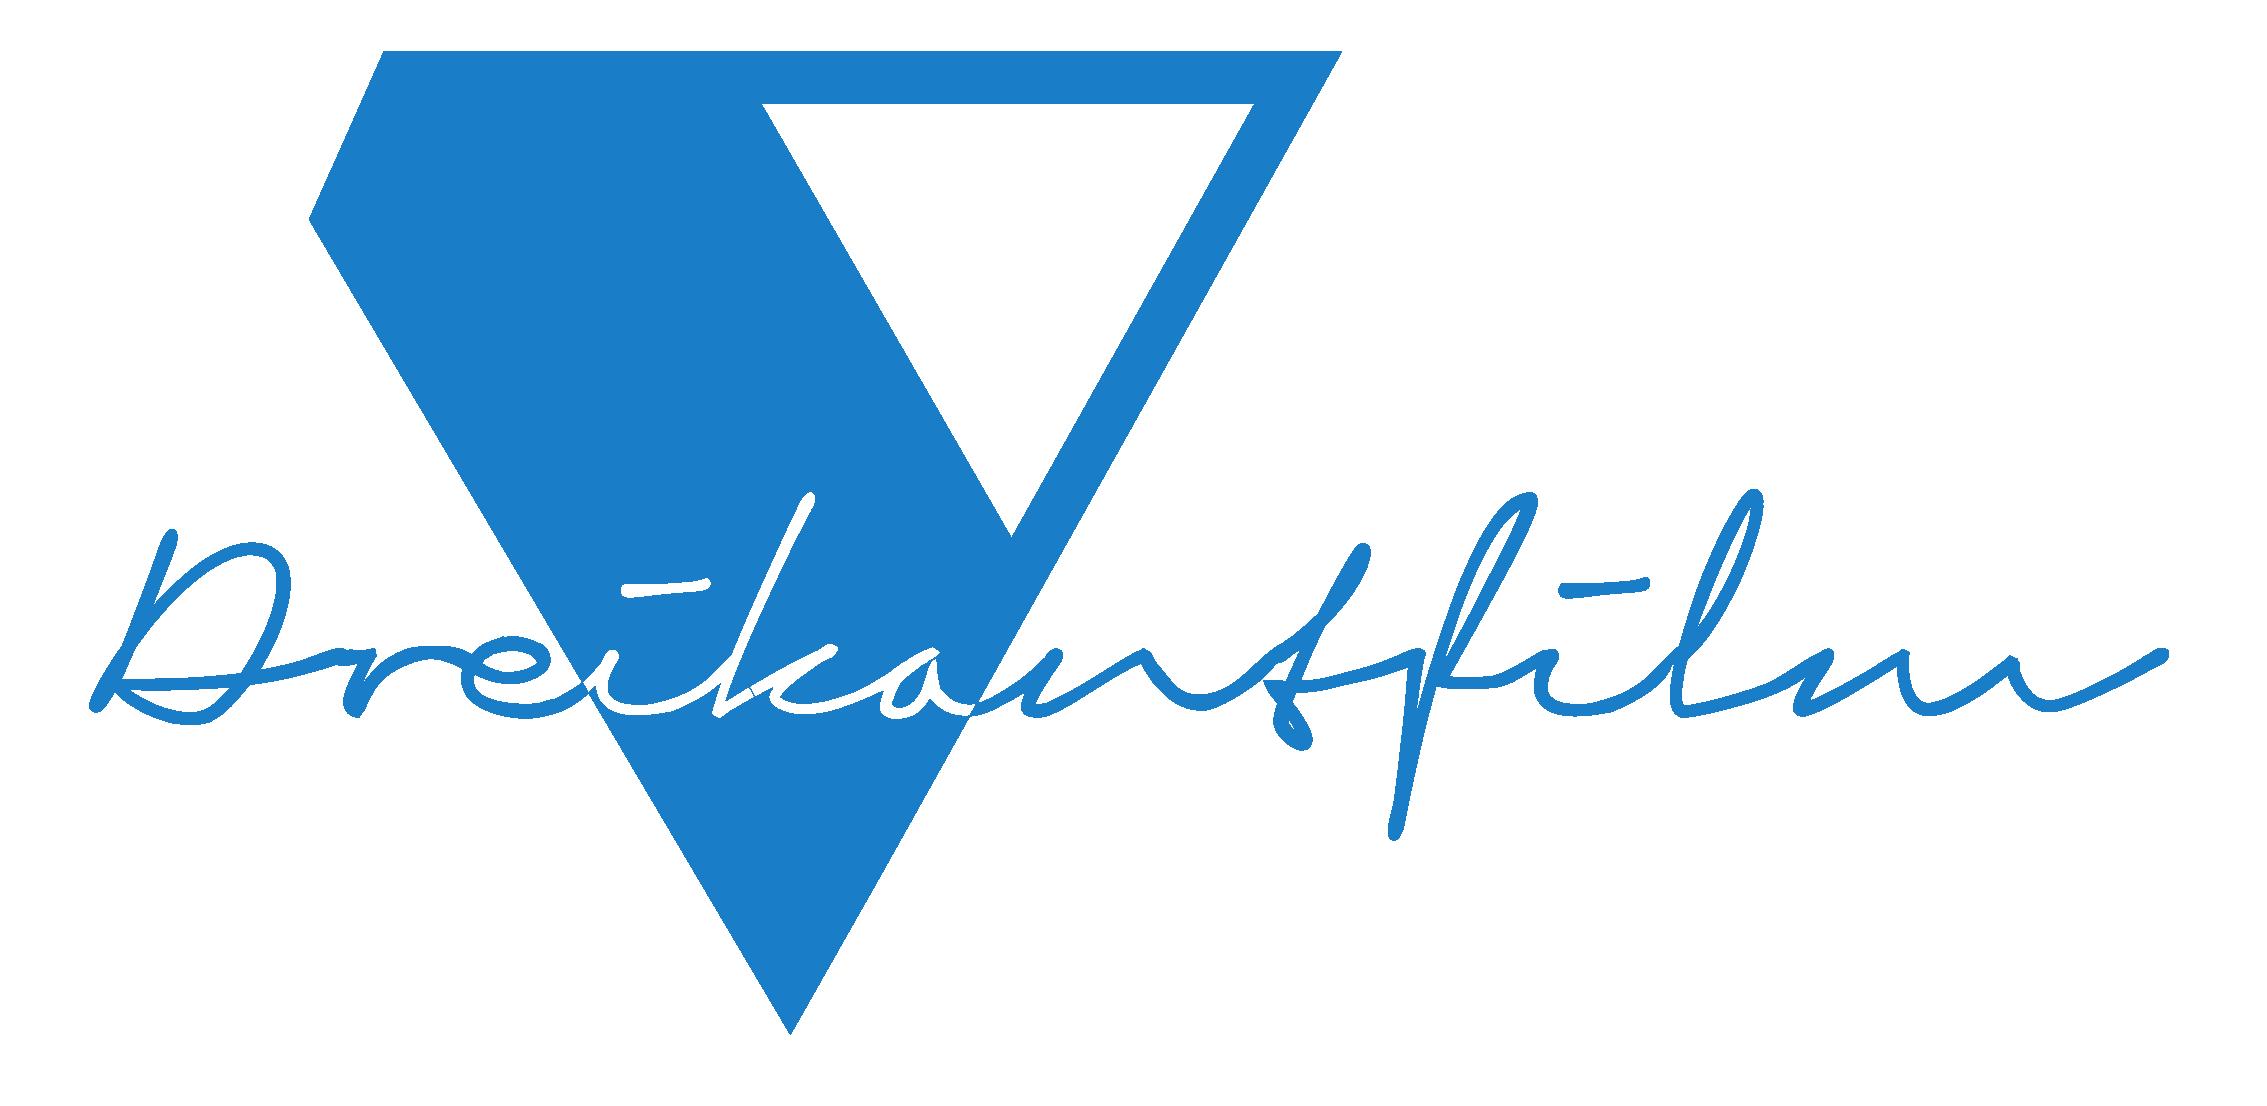 http://dreikantfilm.de/wp-content/uploads/2015/08/dreikantfilm-logo-blau.png